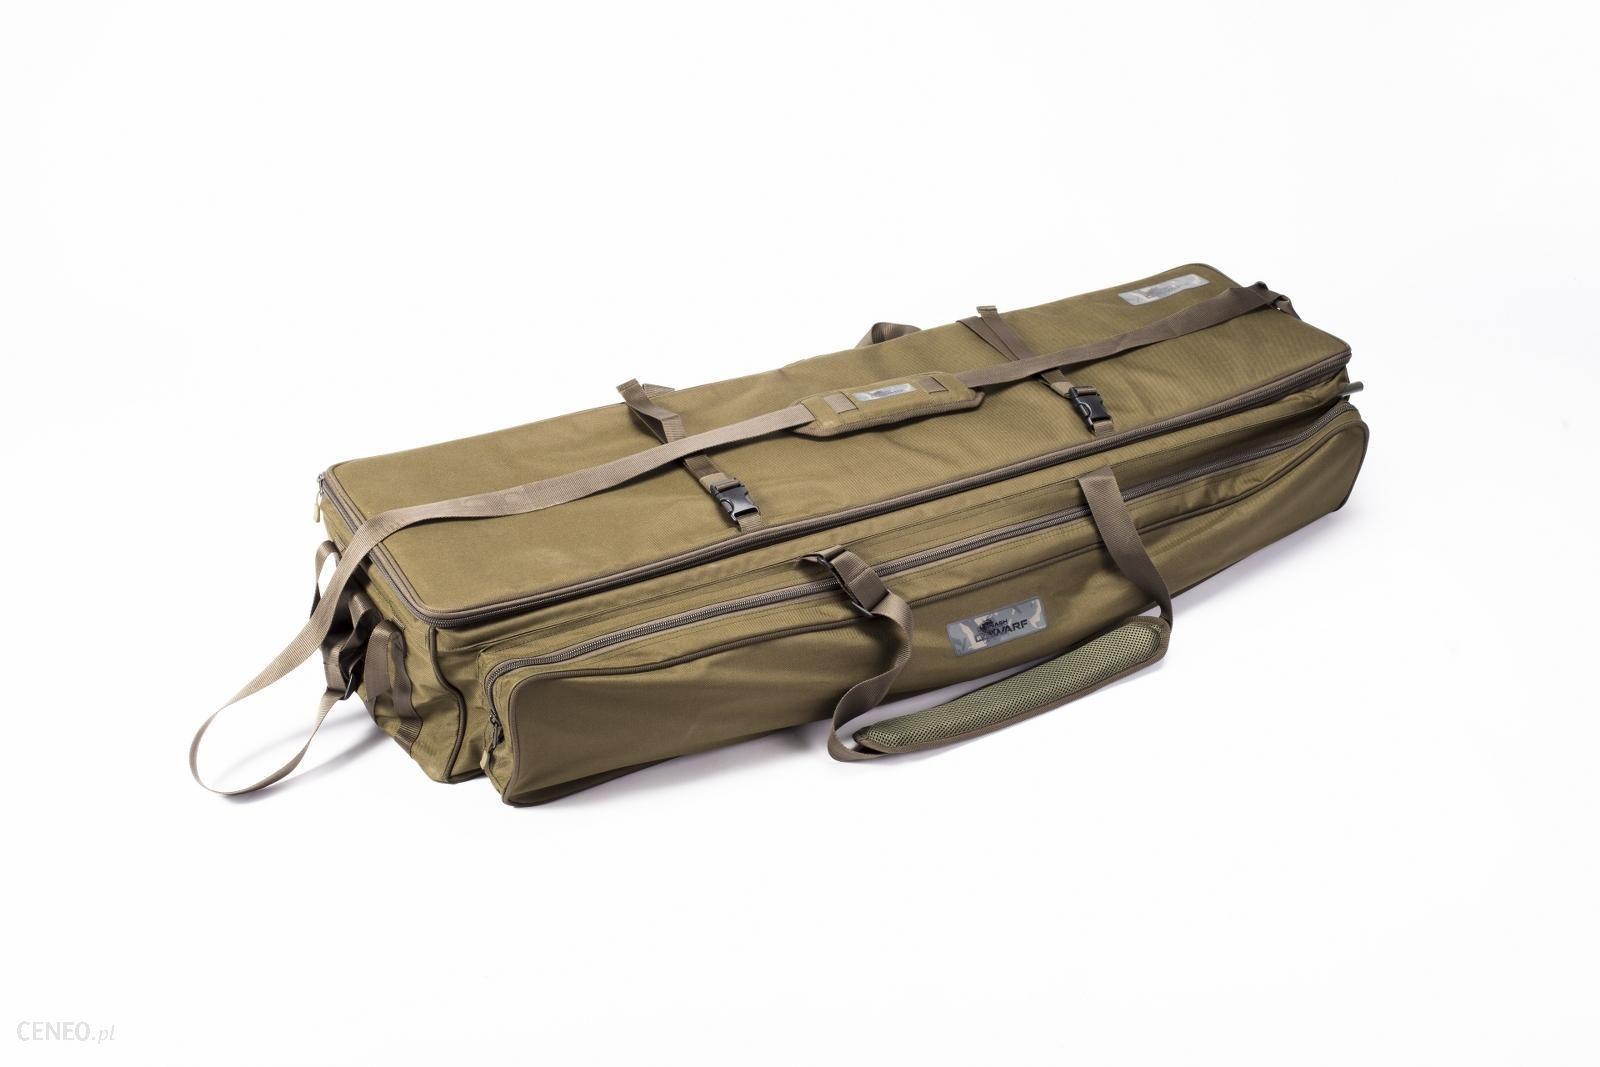 Nash Pokrowiec 9Ft Dwarf 3 Rod Carry System